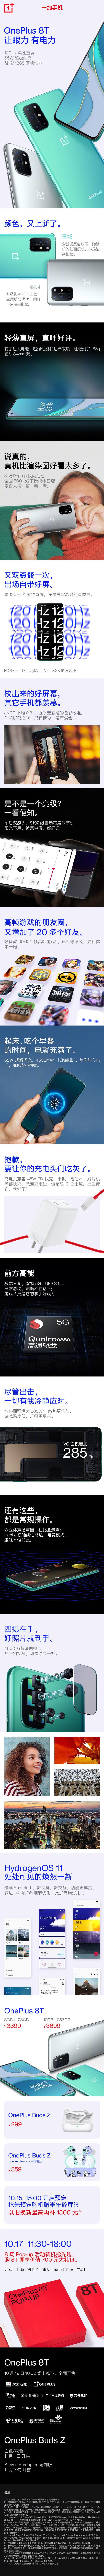 一图看懂一加OnePlus 8T智能手机-玩懂手机网 - 玩懂手机第一手的手机资讯网(www.wdshouji.com)